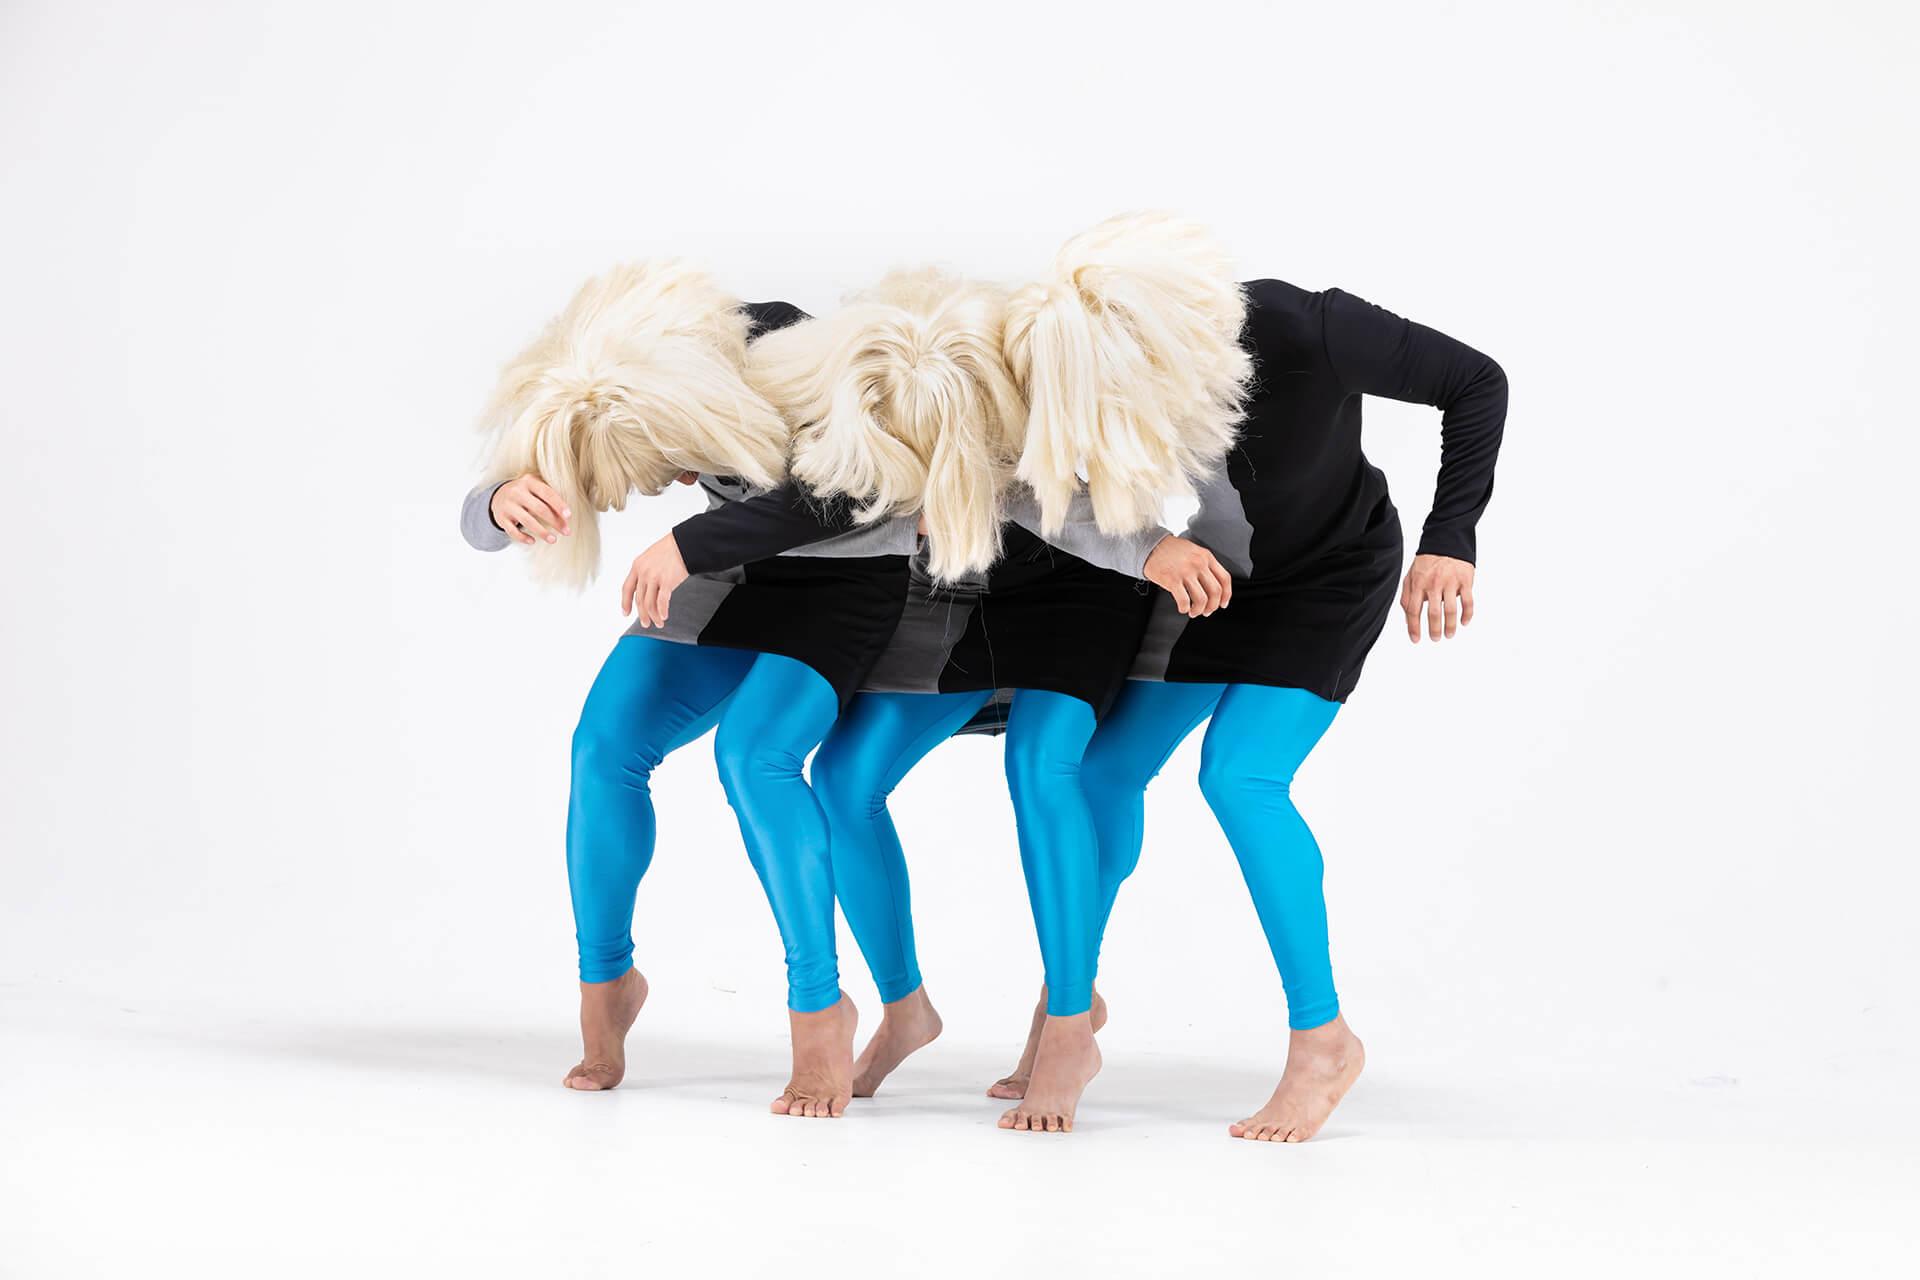 三個舞者的動作要一模一樣,邱加希形容是極之困難。(相片提供︰Worldwide Dance Project)